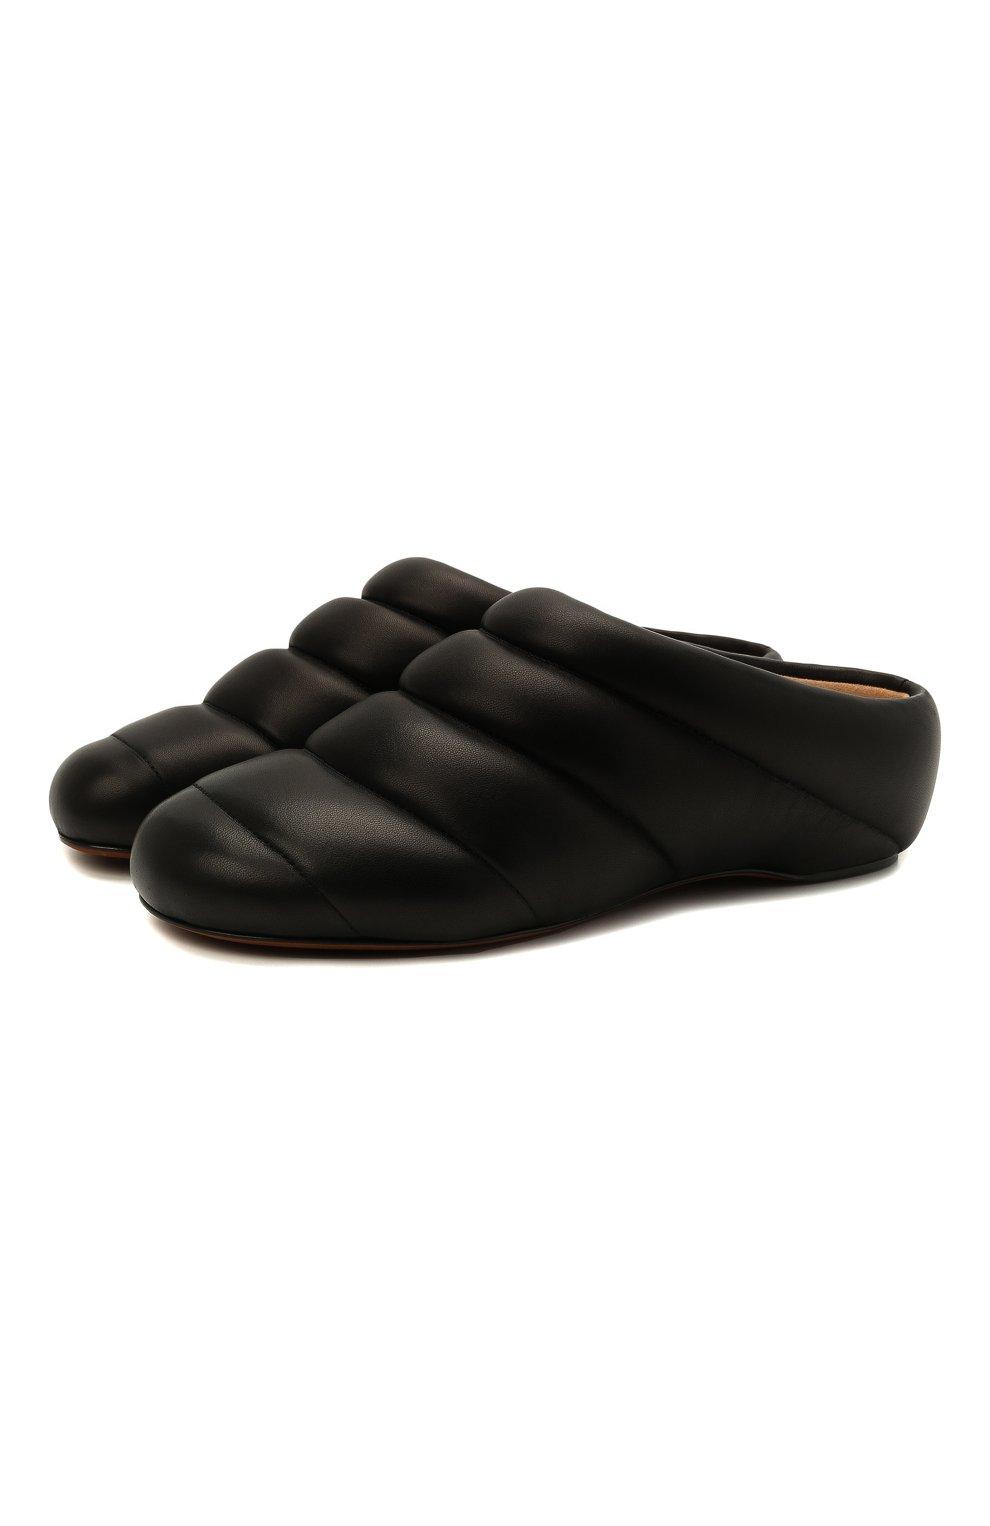 Женские кожаные сабо PROENZA SCHOULER черного цвета, арт. PS36114A/13001 | Фото 1 (Материал внешний: Кожа; Каблук высота: Низкий; Материал внутренний: Натуральная кожа; Подошва: Плоская)